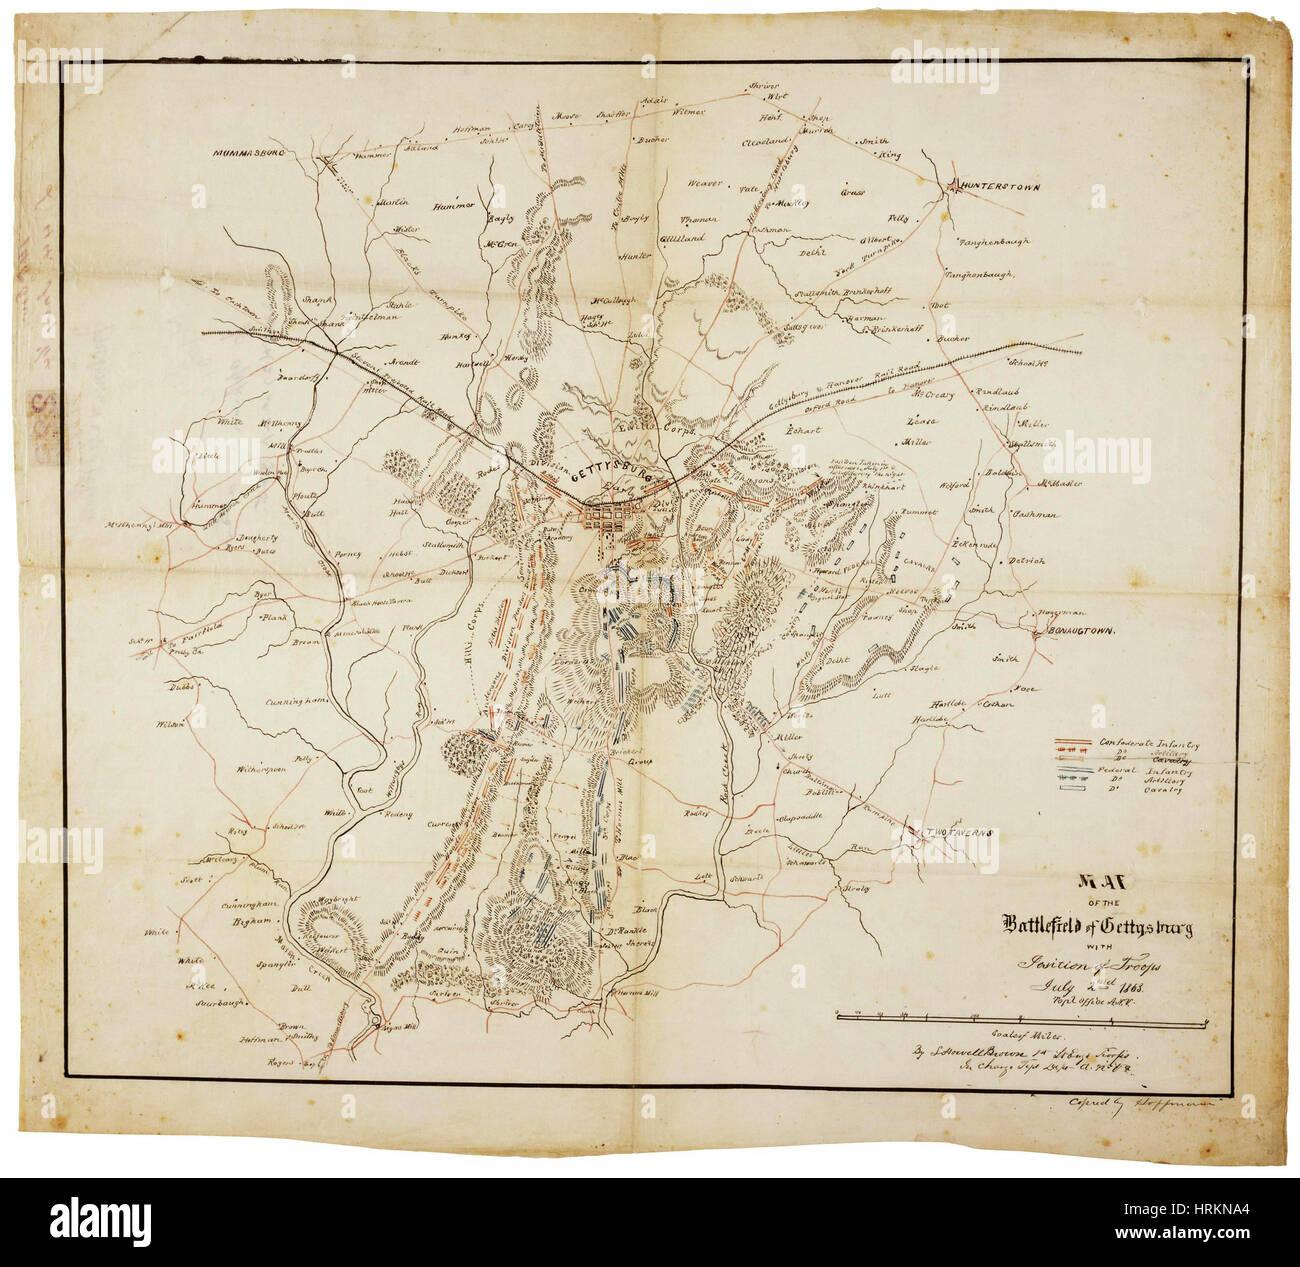 Map Of Civil War Stock Photos Amp Map Of Civil War Stock